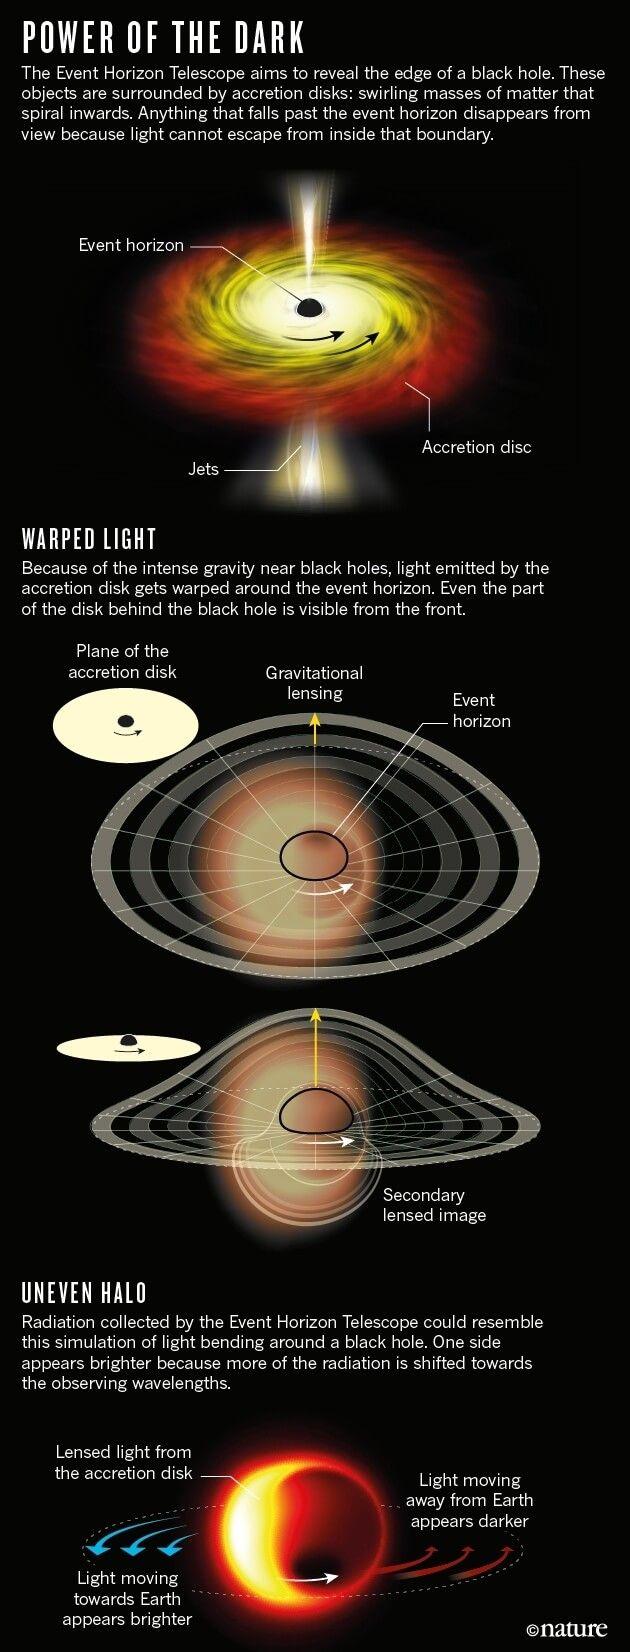 Wie Ein Schwarzes Loch Strahlt Experiment Schlagt Theorie Schwarzes Loch Kosmisch Weltraum Und Astronomie